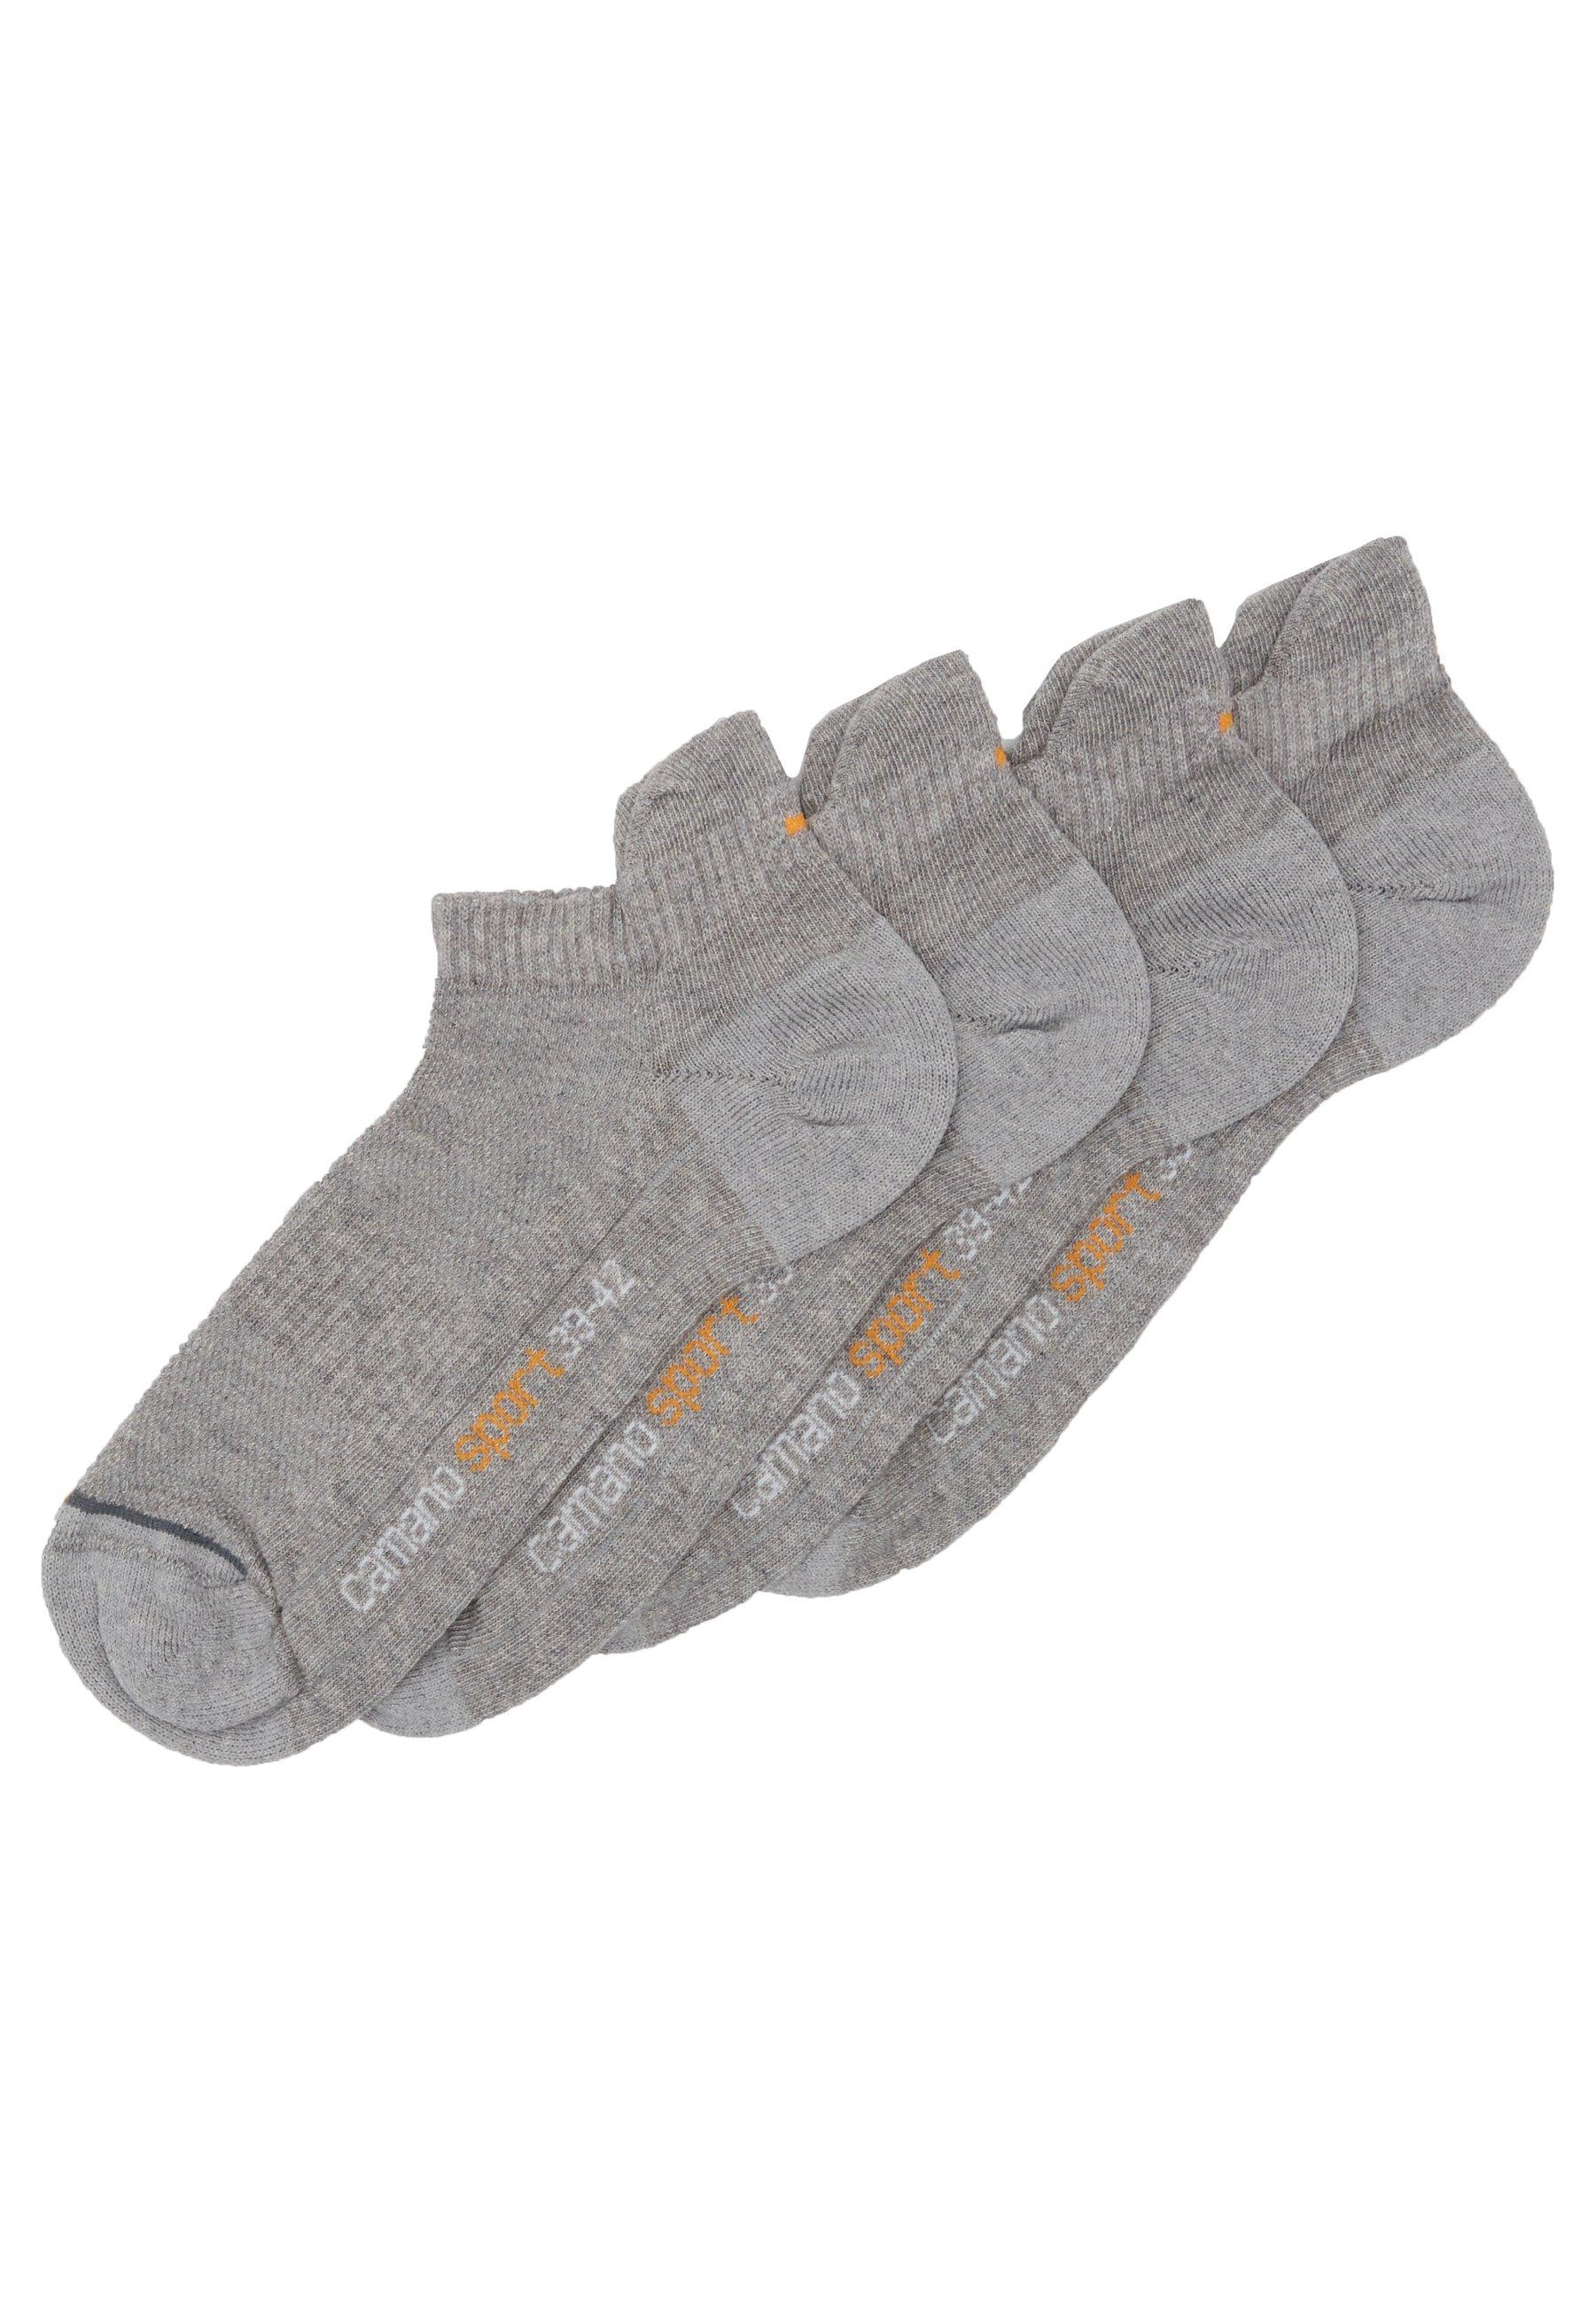 Men ONLINE SPORT UNISEX FASHION SNEAKER 4 PACK - Trainer socks